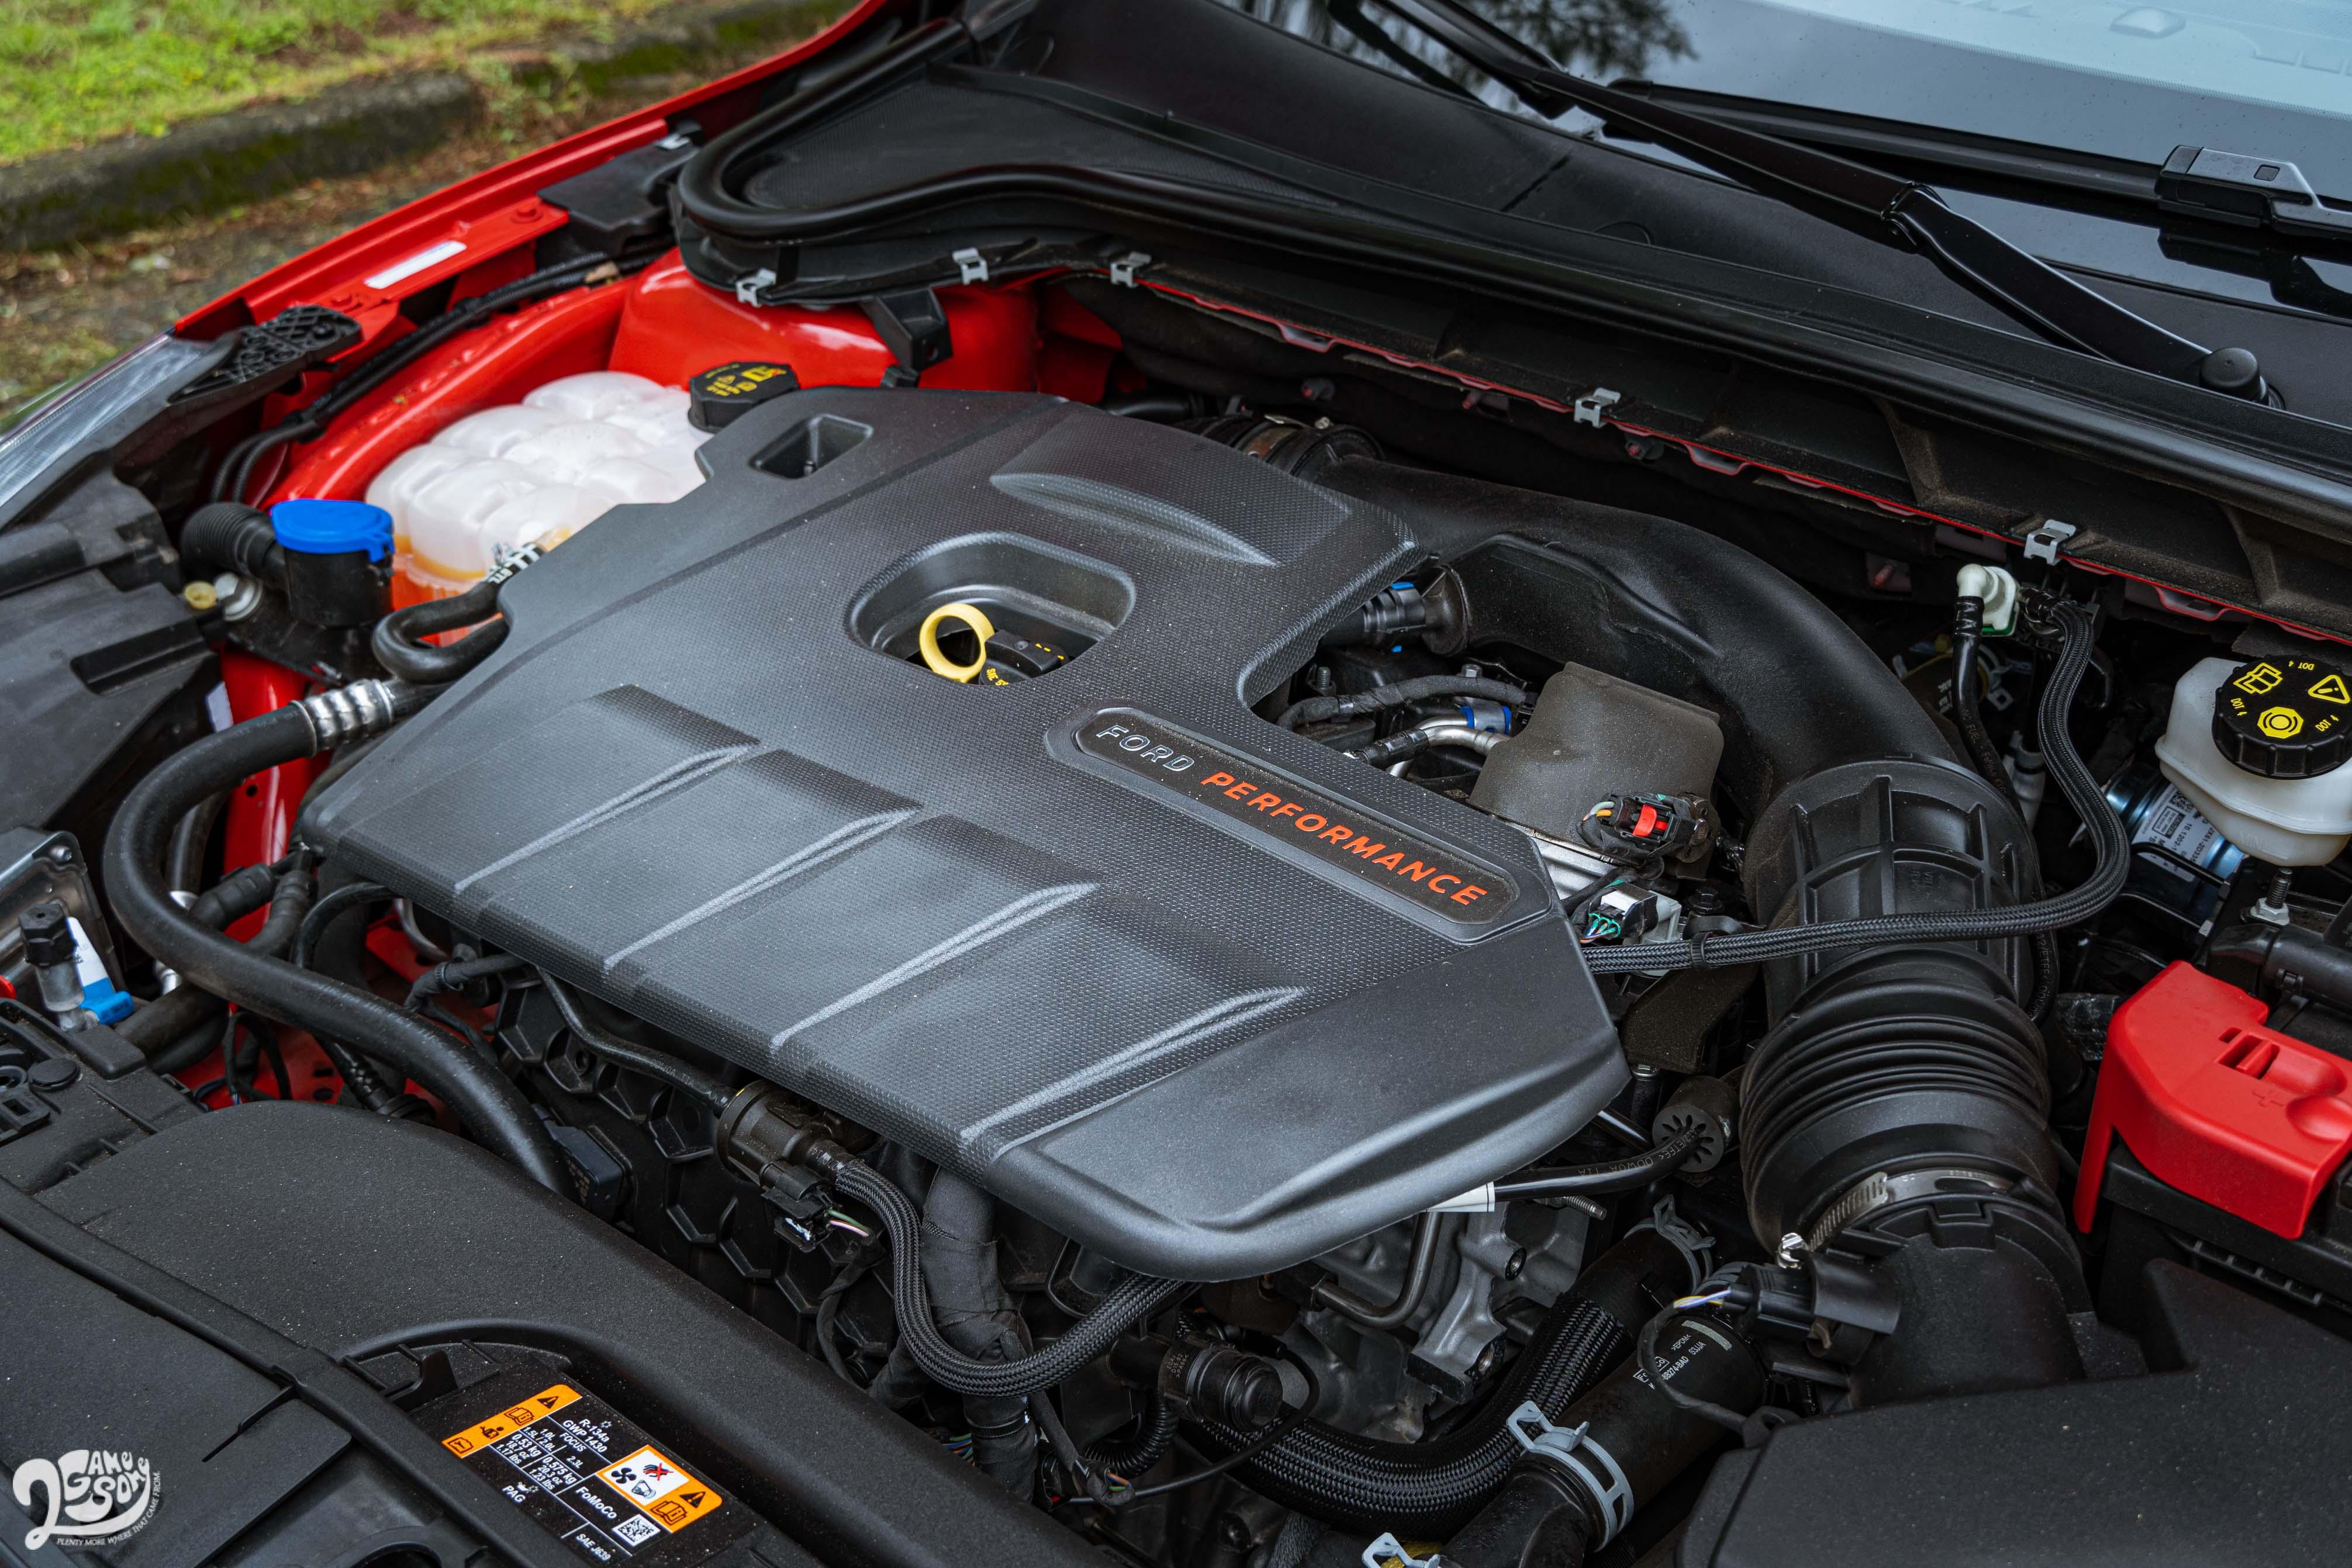 由 Ford Performance 調校的 EcoBoost 雙渦流渦輪增壓汽油引擎輸出達 280 ps 與 42.3 kgm。